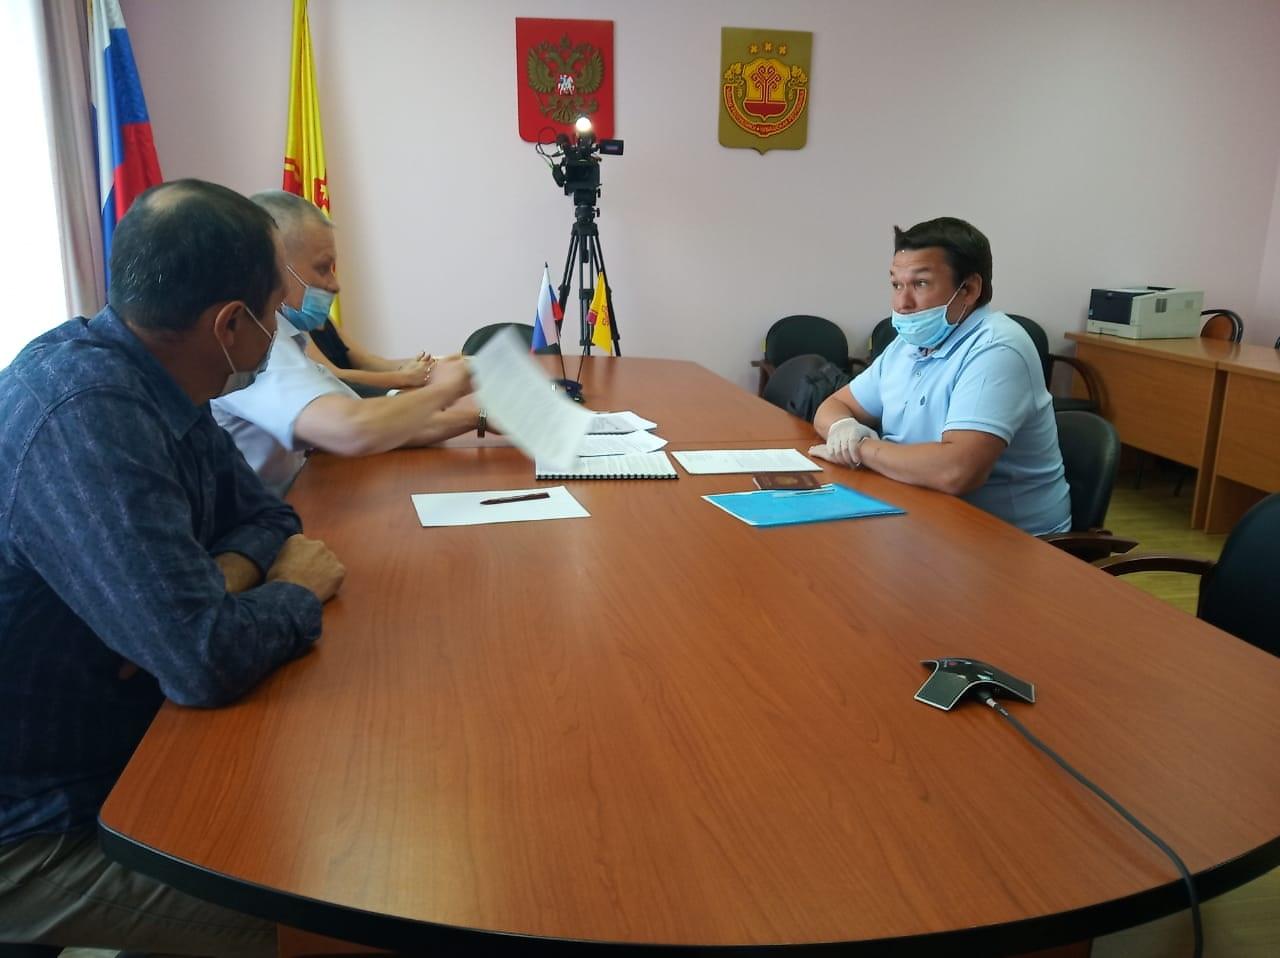 Центральная избирательная комиссия принимает документы у претендентов на пост главы Чувашии